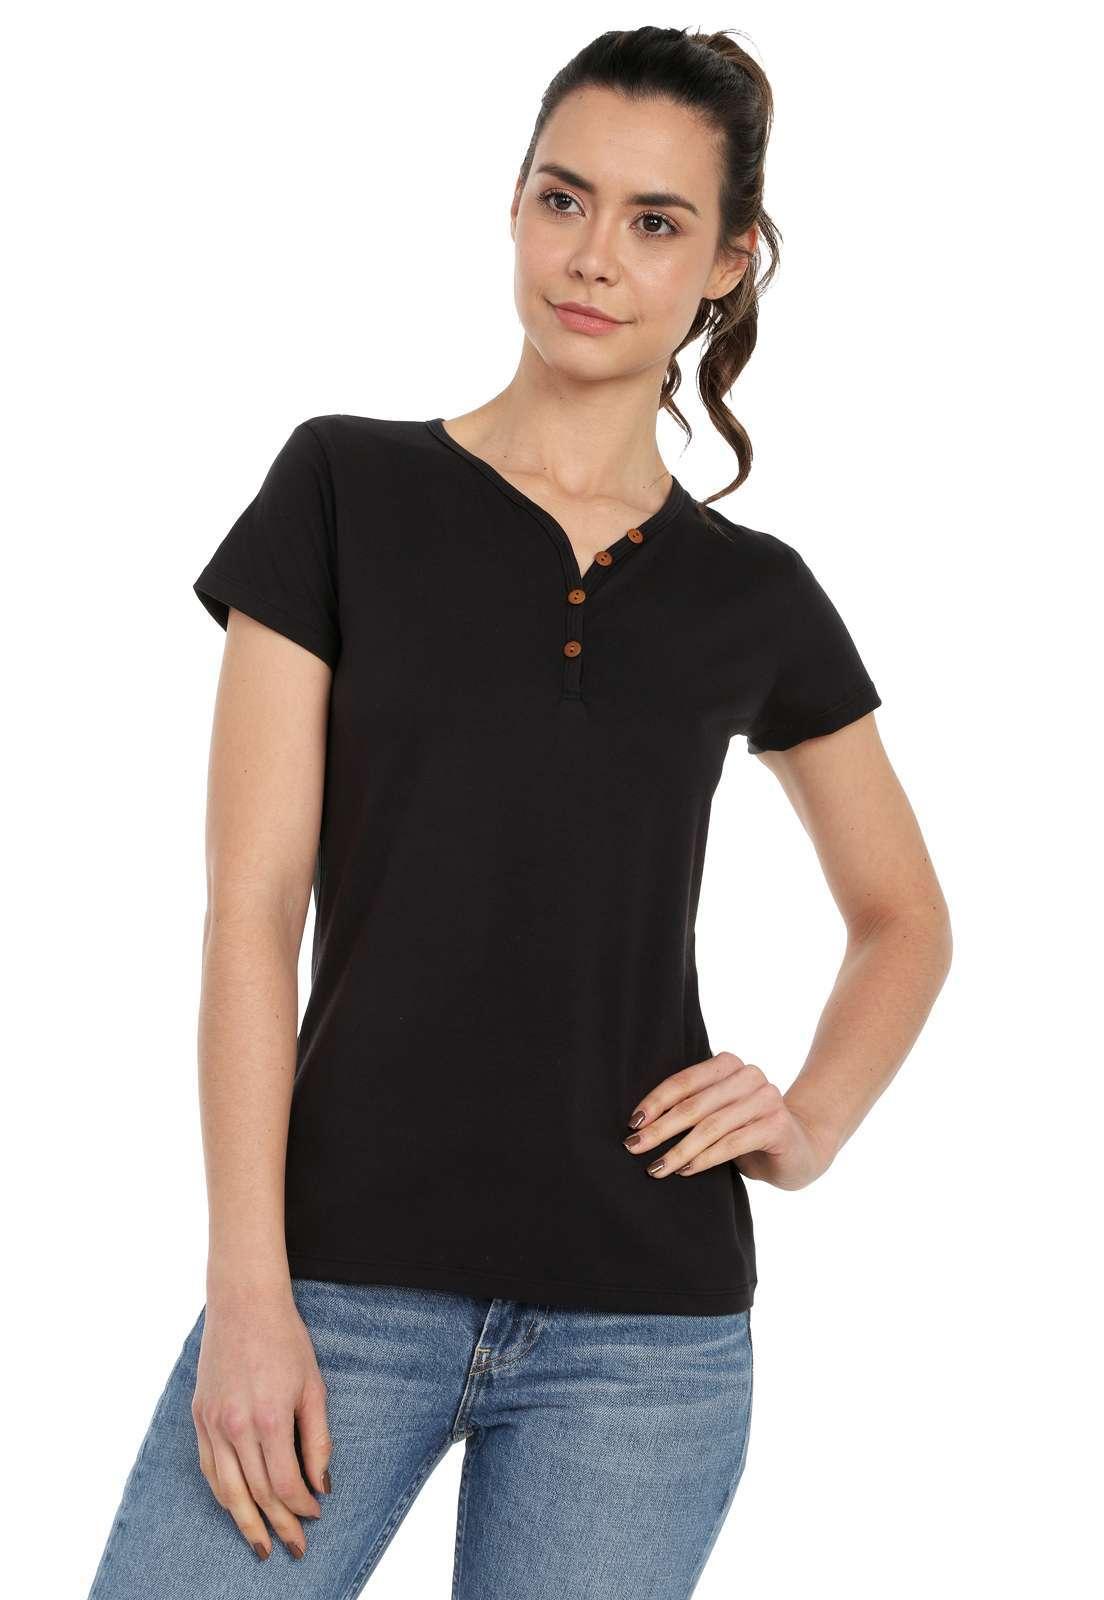 Camiseta Mujer Con Botones Licrada - Negro | Polovers